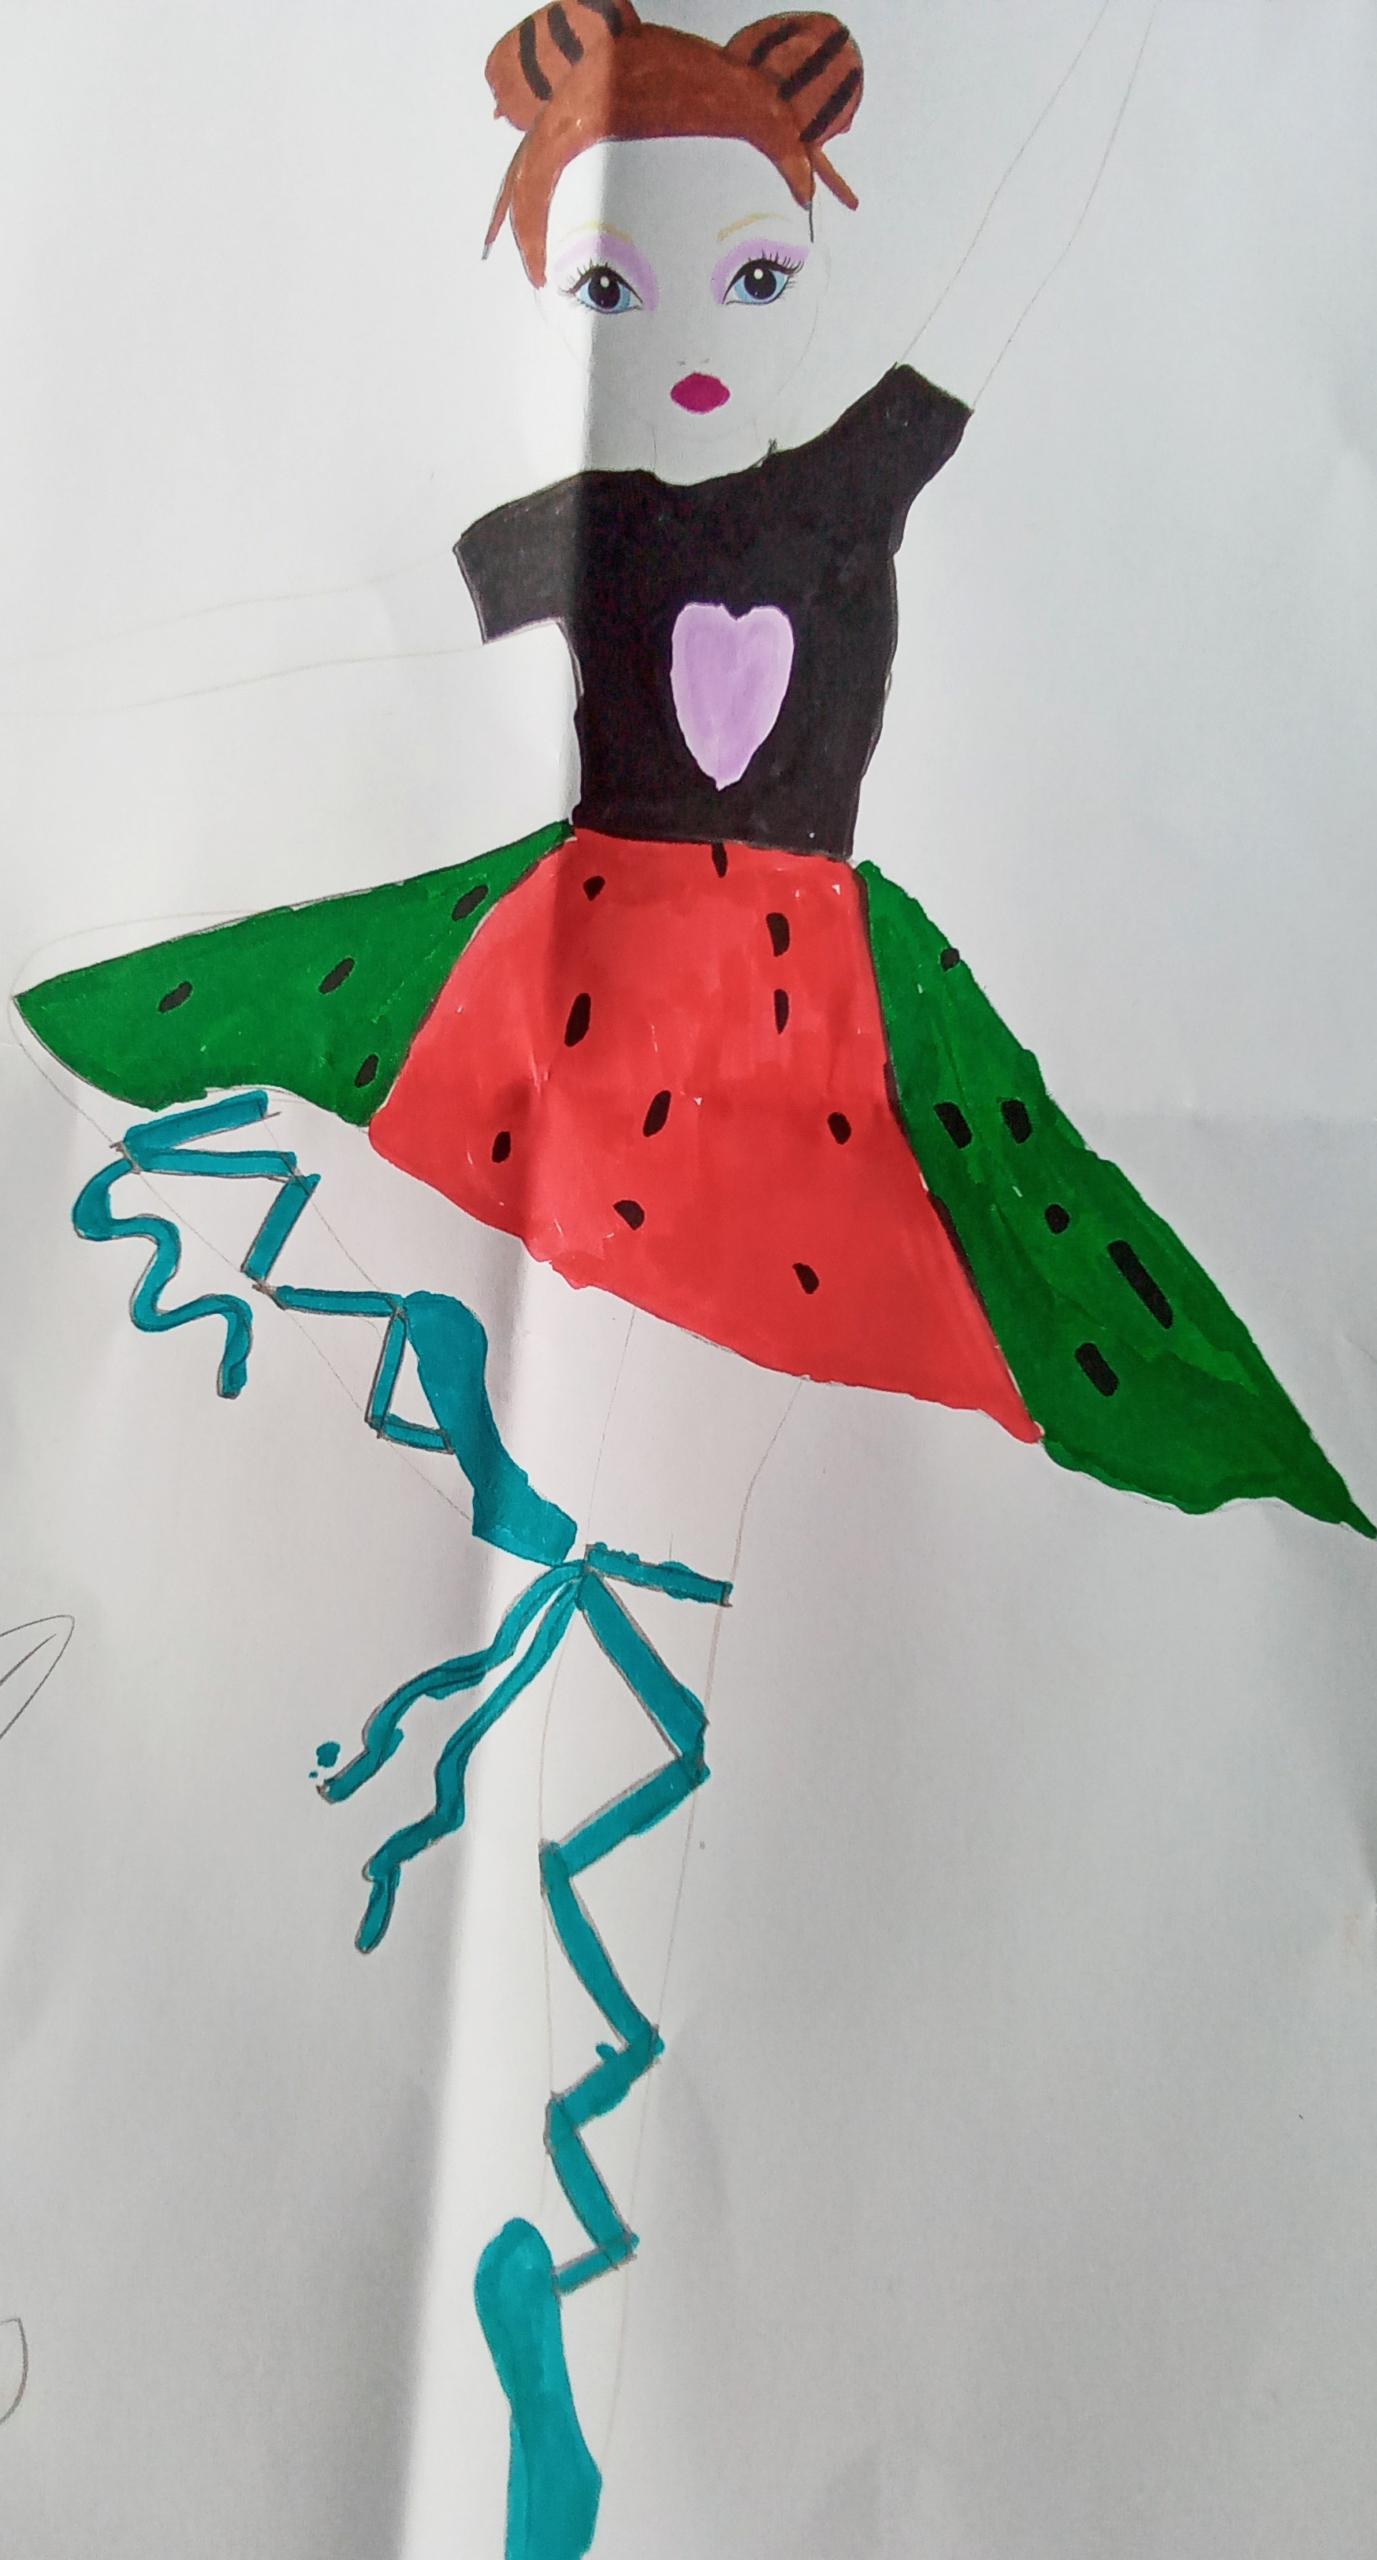 Nola R., 9 Jahre, aus Clasville